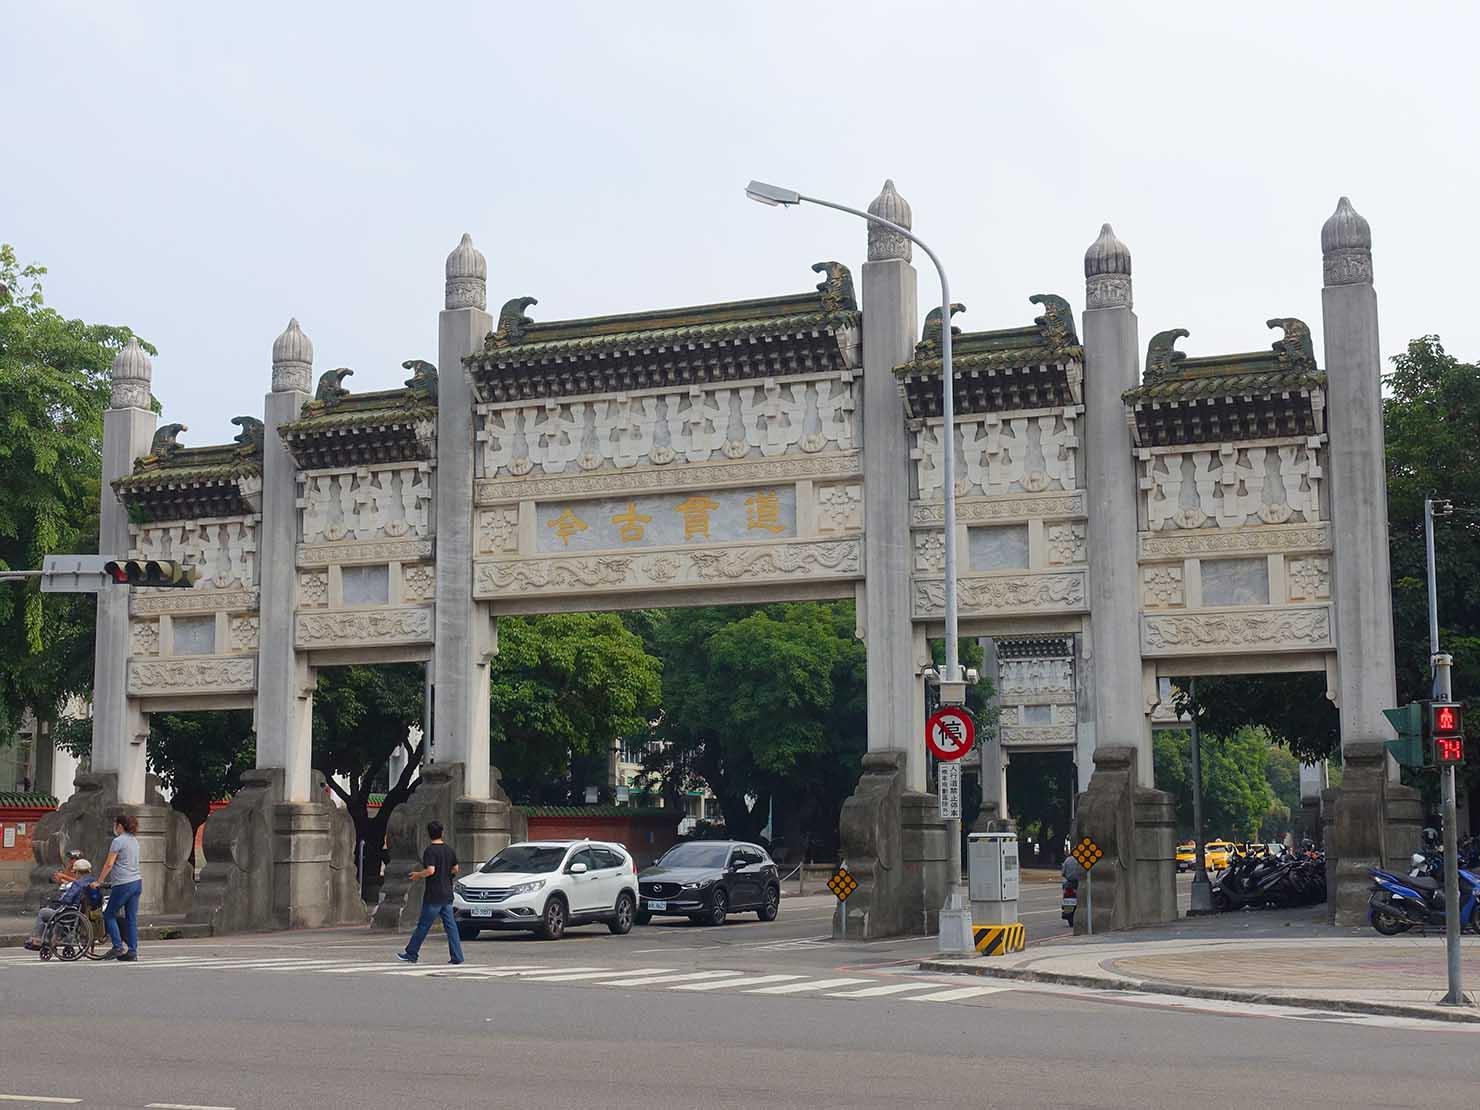 台中観光のおすすめスポット「孔廟」前の巨大な門